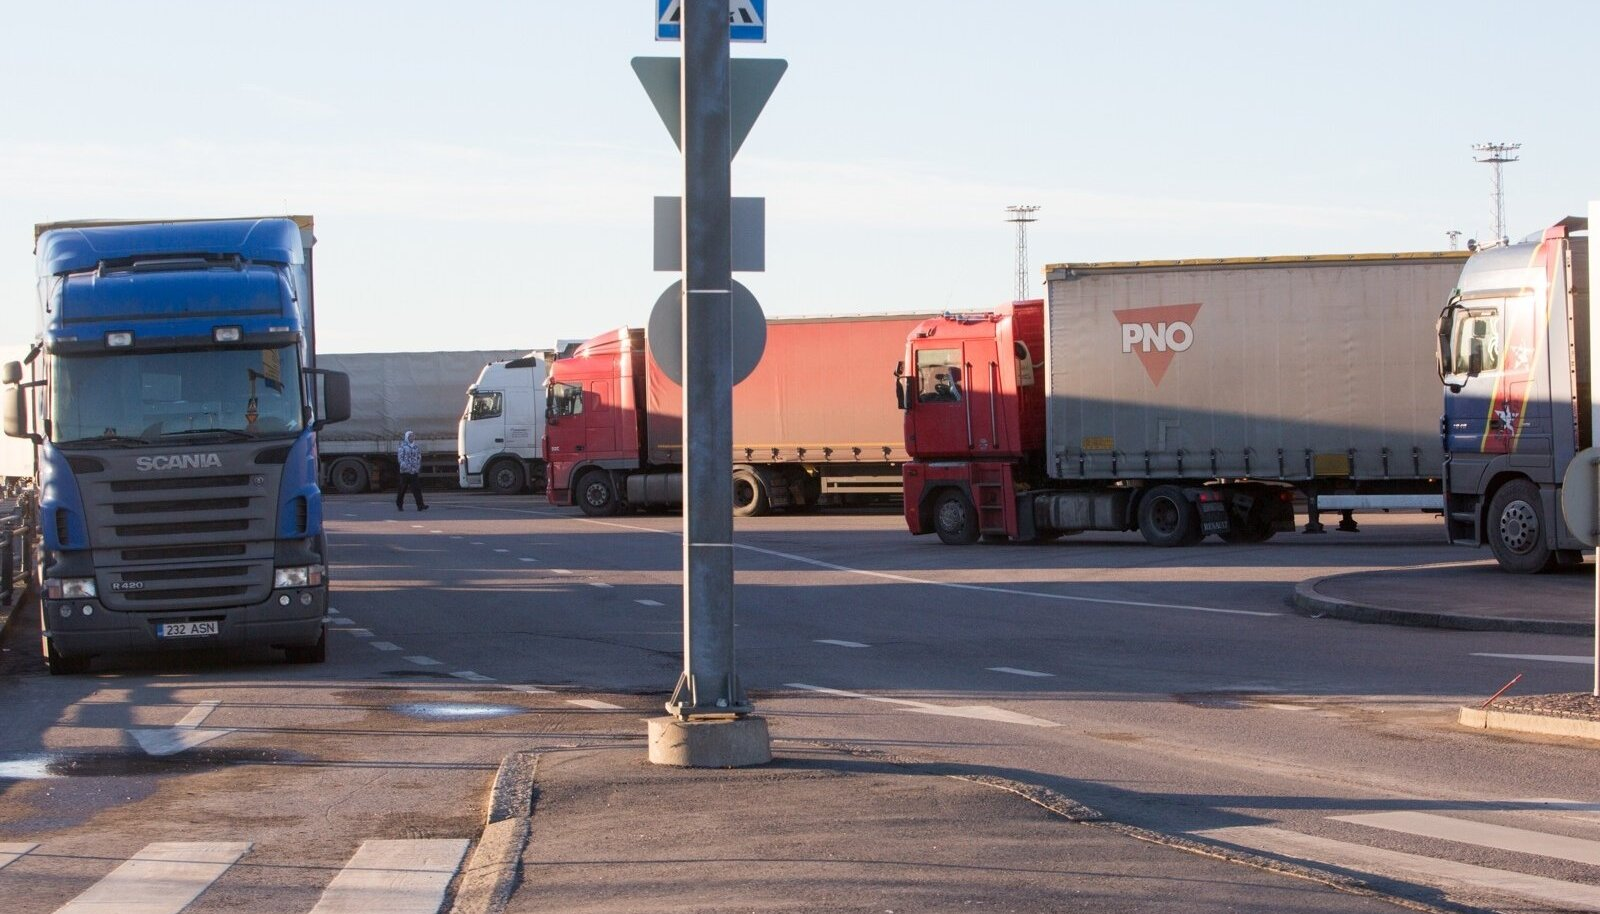 Läänesadamasse viivatel tänavatel on tipptundidel suured ummikud. Veoautod seisavad pikkades ridades, ummistades tänavaid.